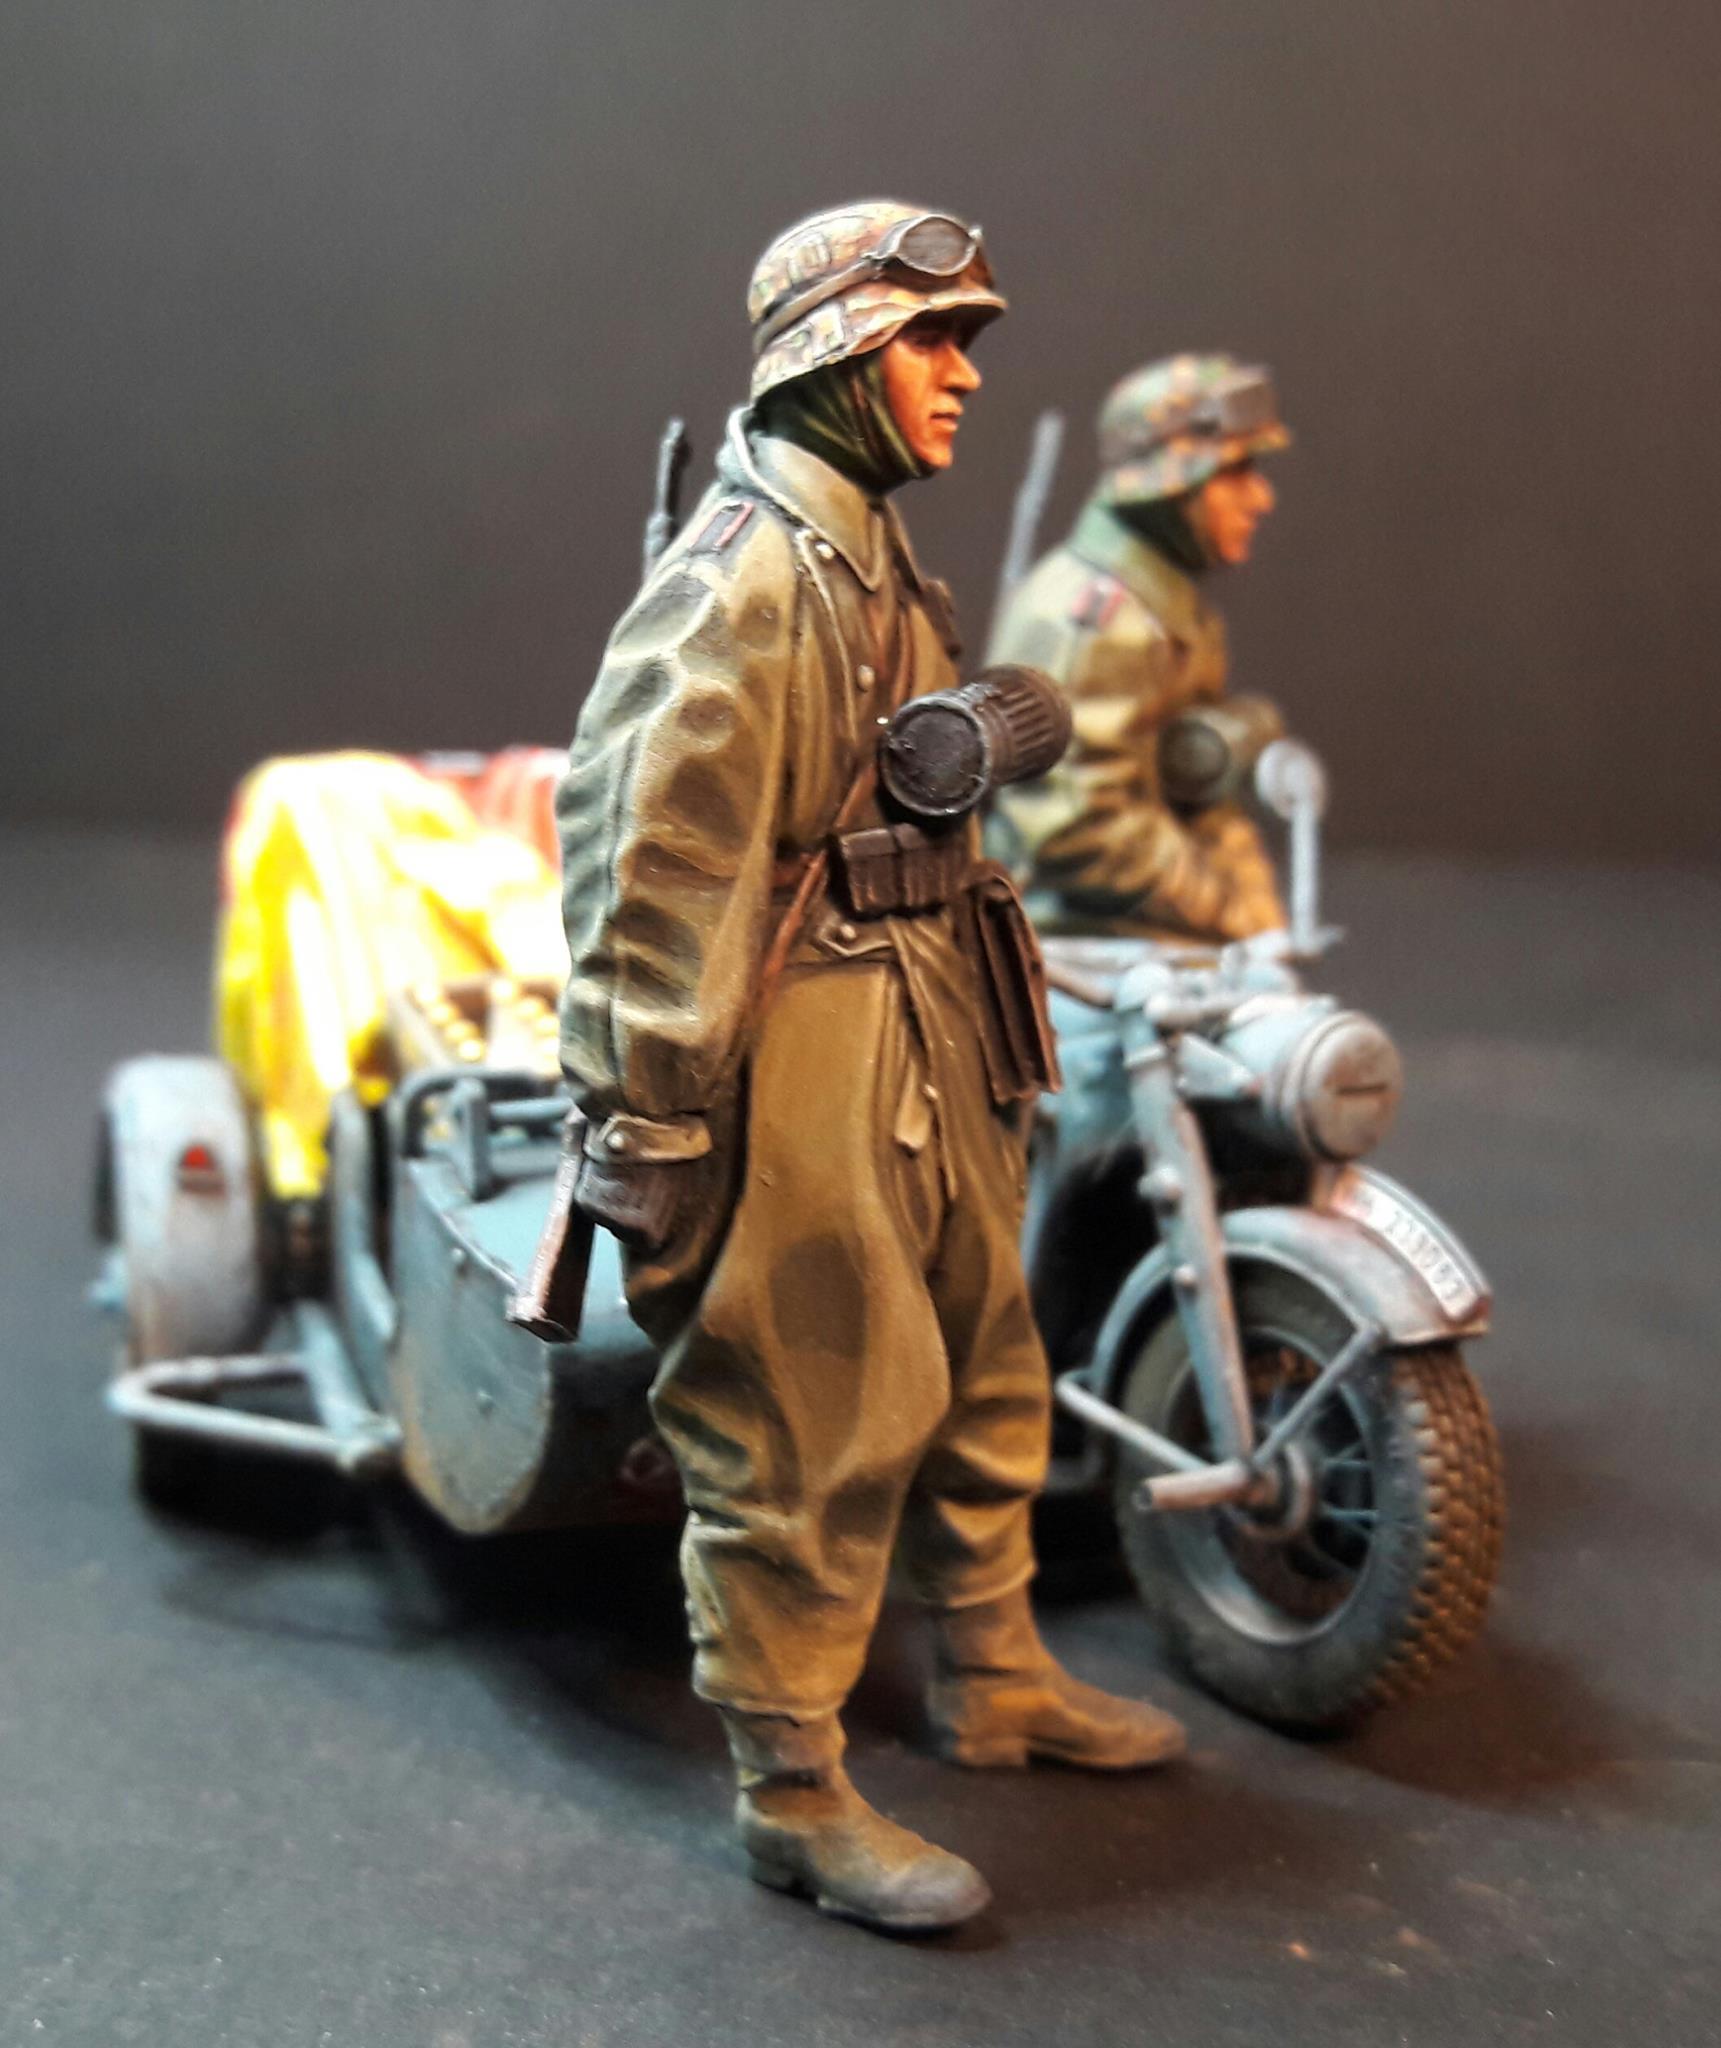 Zündapp KS750 - Sidecar - Great Wall Hobby + figurines Alpine - 1/35 - Page 5 5398541988582710211786806240153742199206o